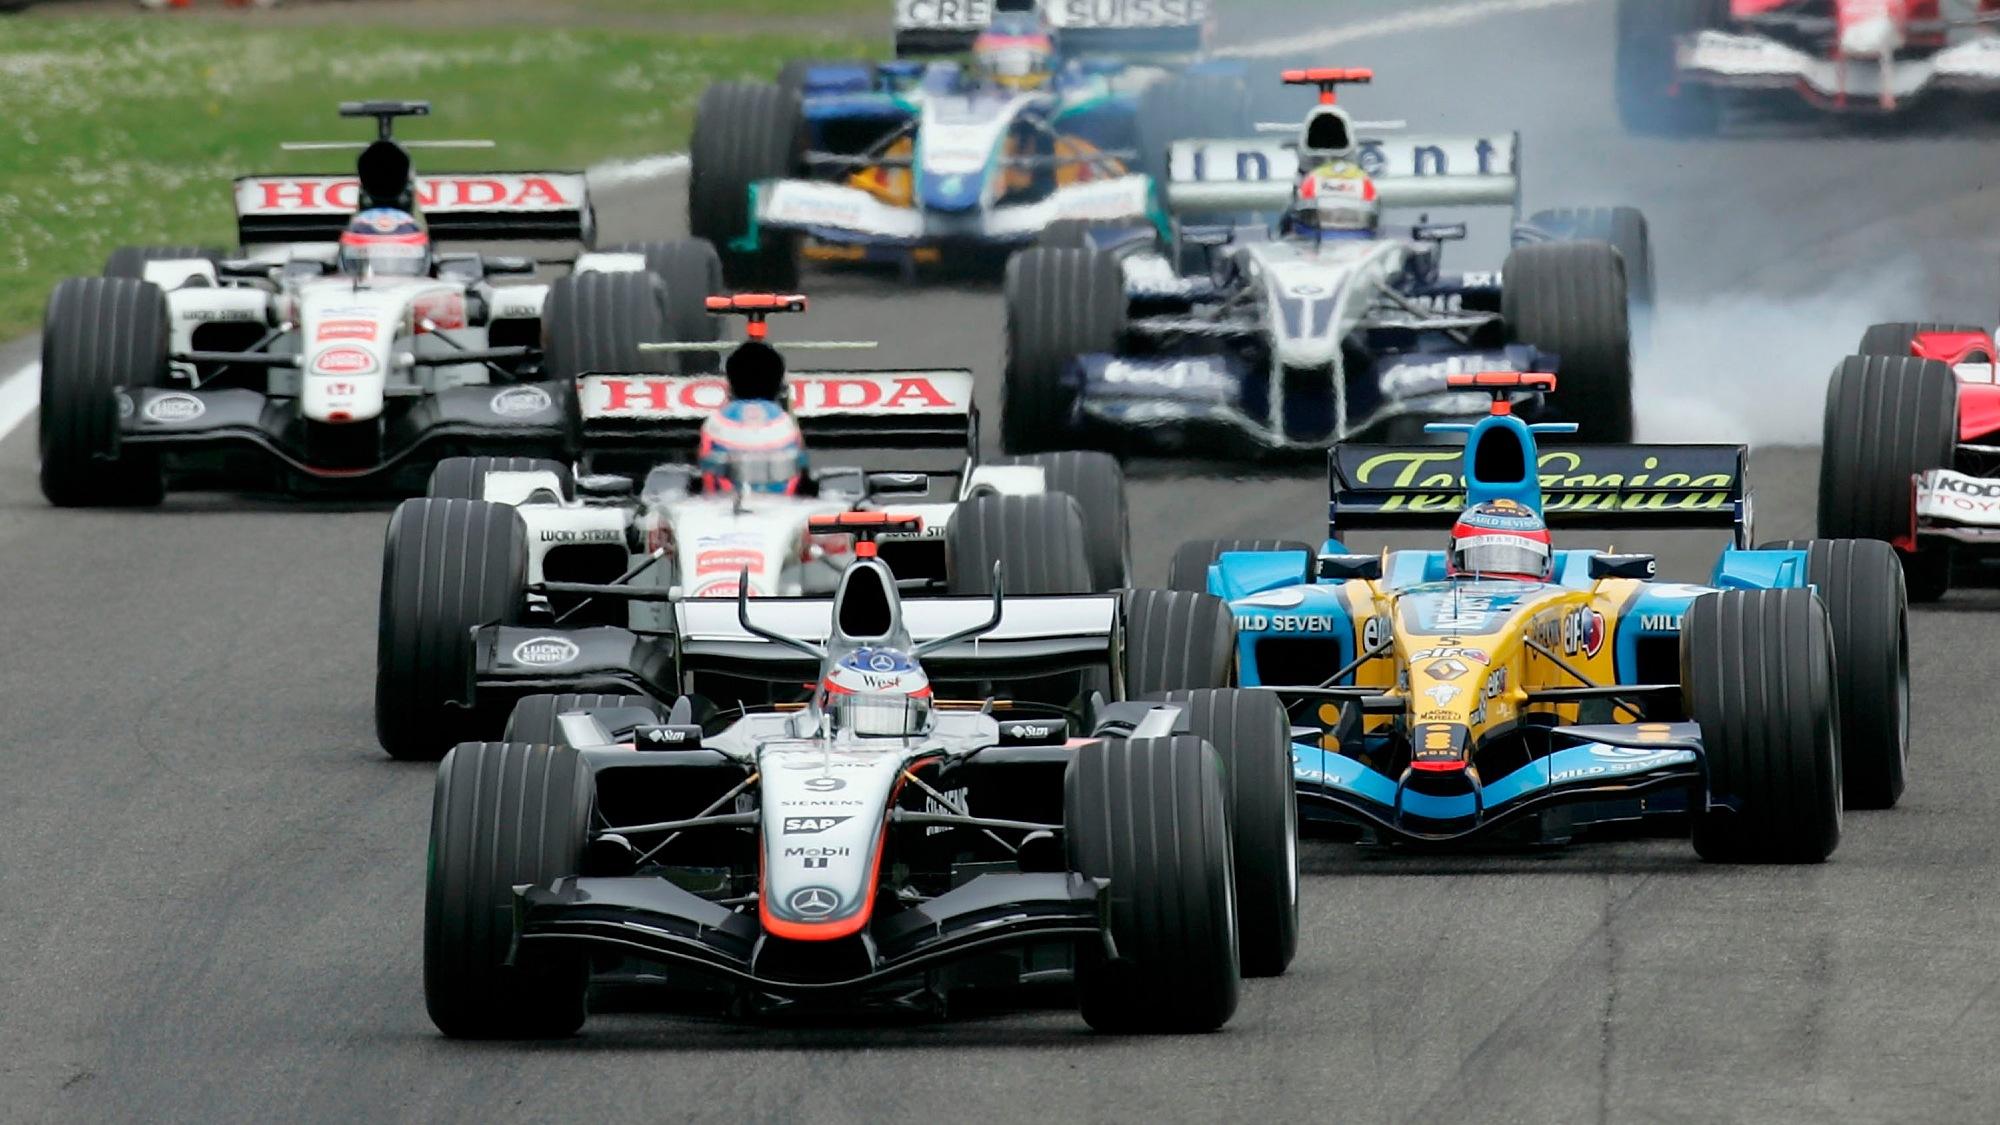 Kimi Raikkonen, 2005 Imola GP